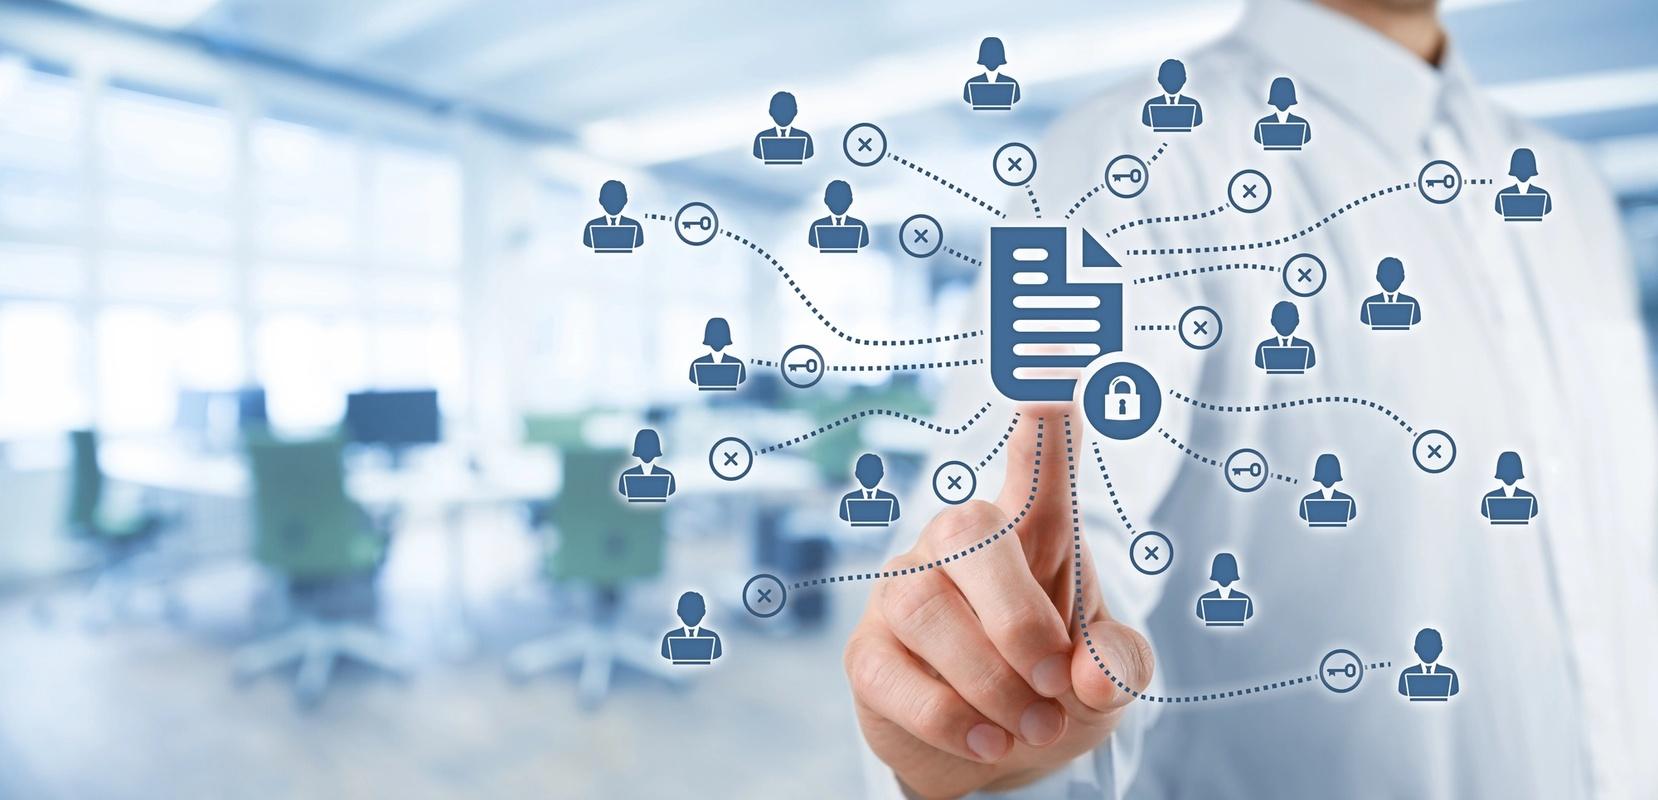 Foto som illustrerer datasikkerhet i et personnettverk